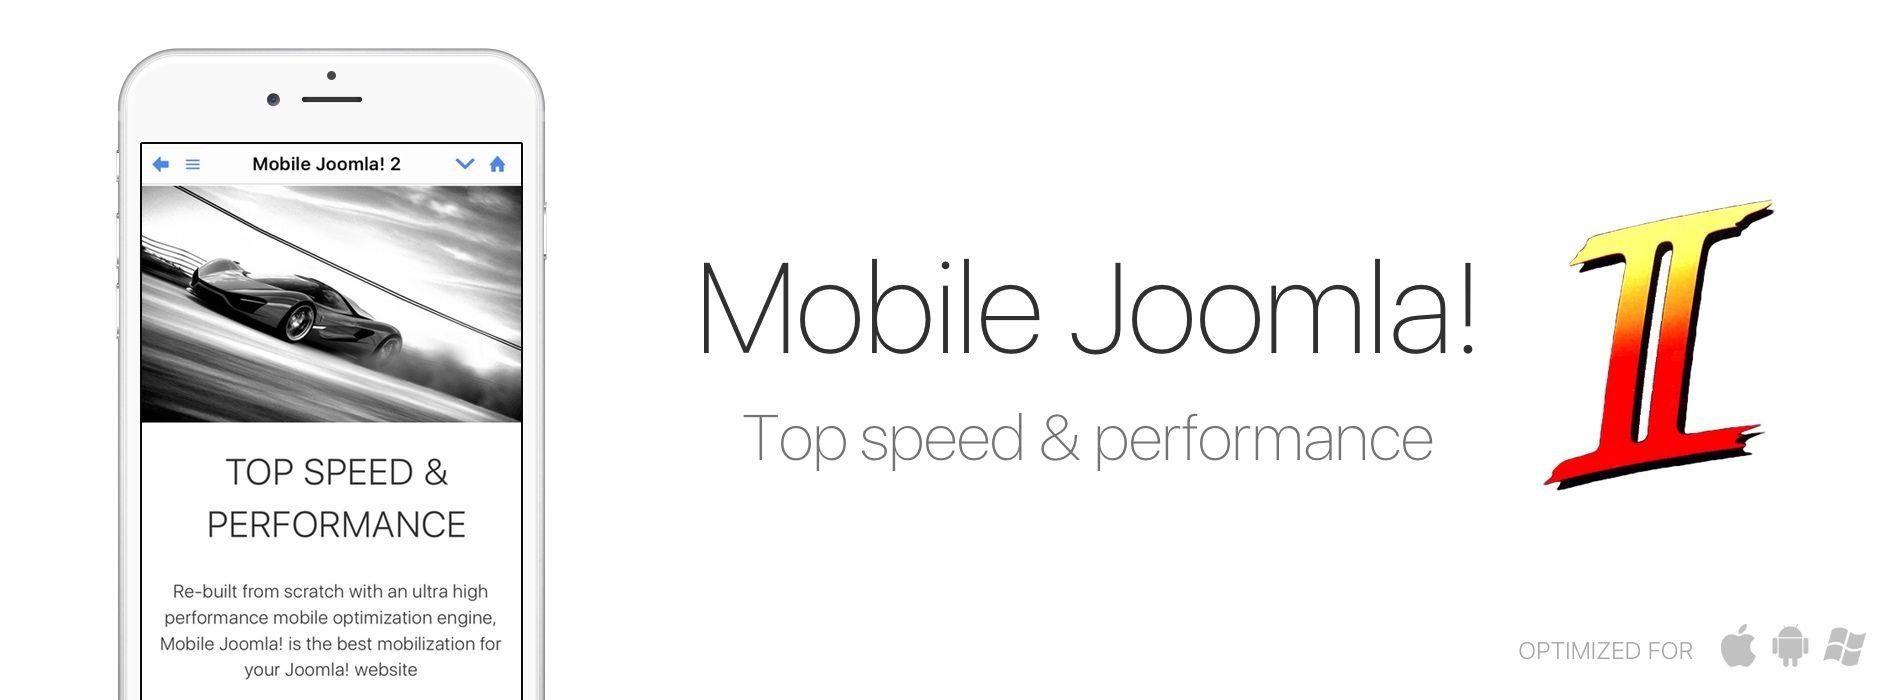 Mobile Joomla! 2.0